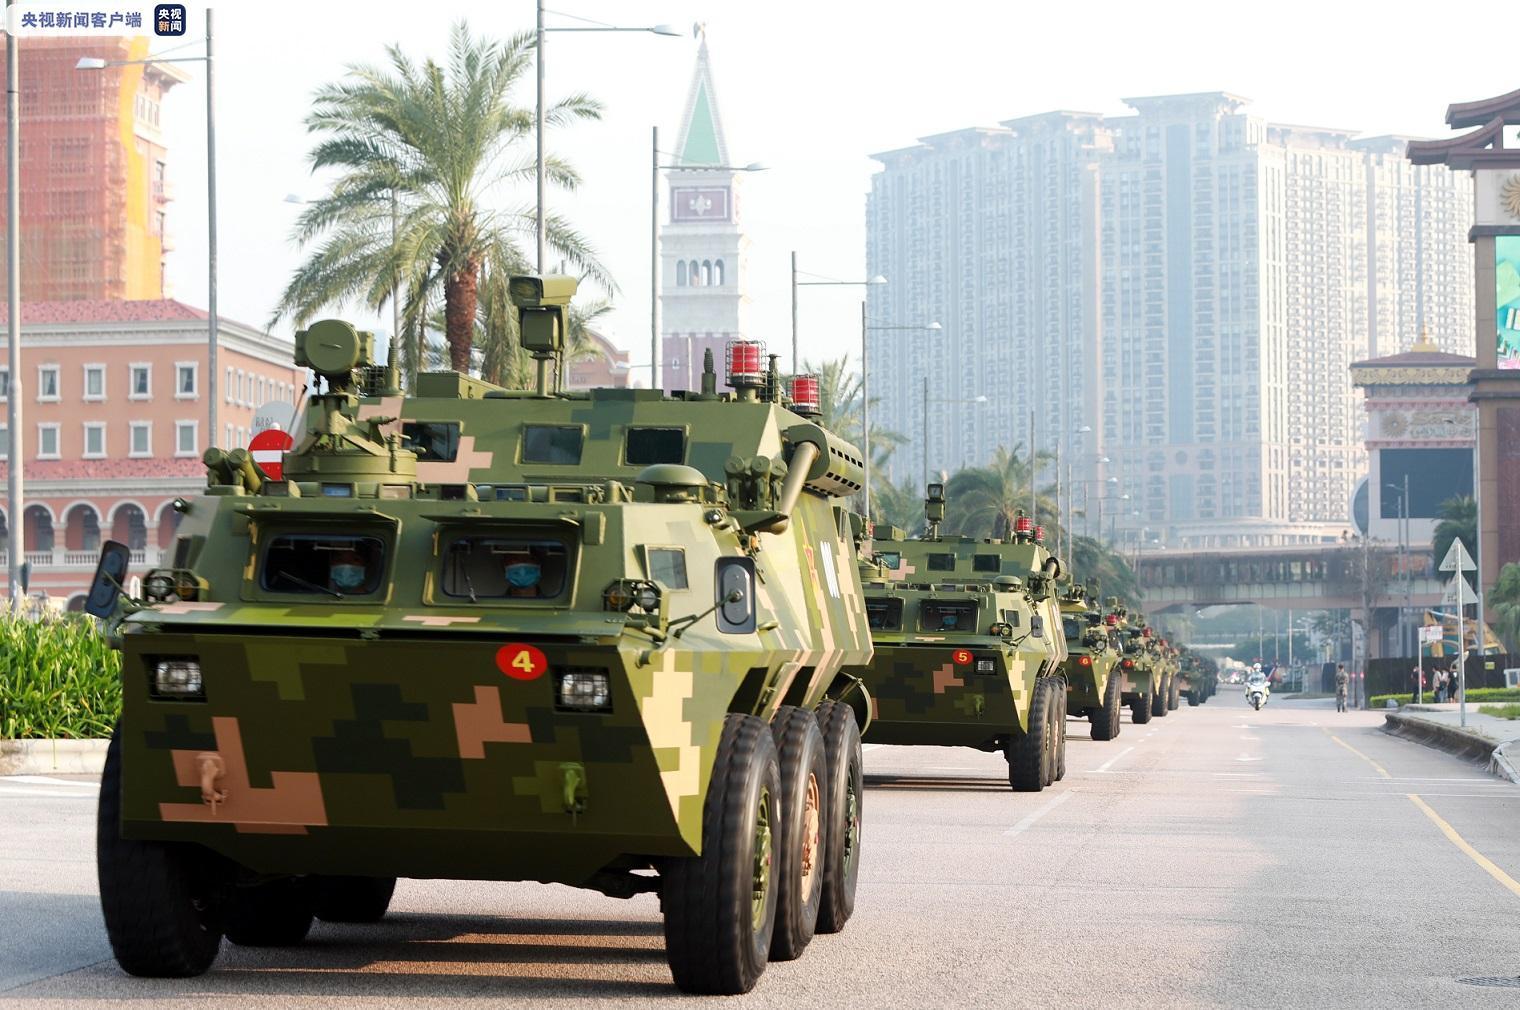 解放军驻澳门部队第二十一次建制单位轮换工作顺利完成